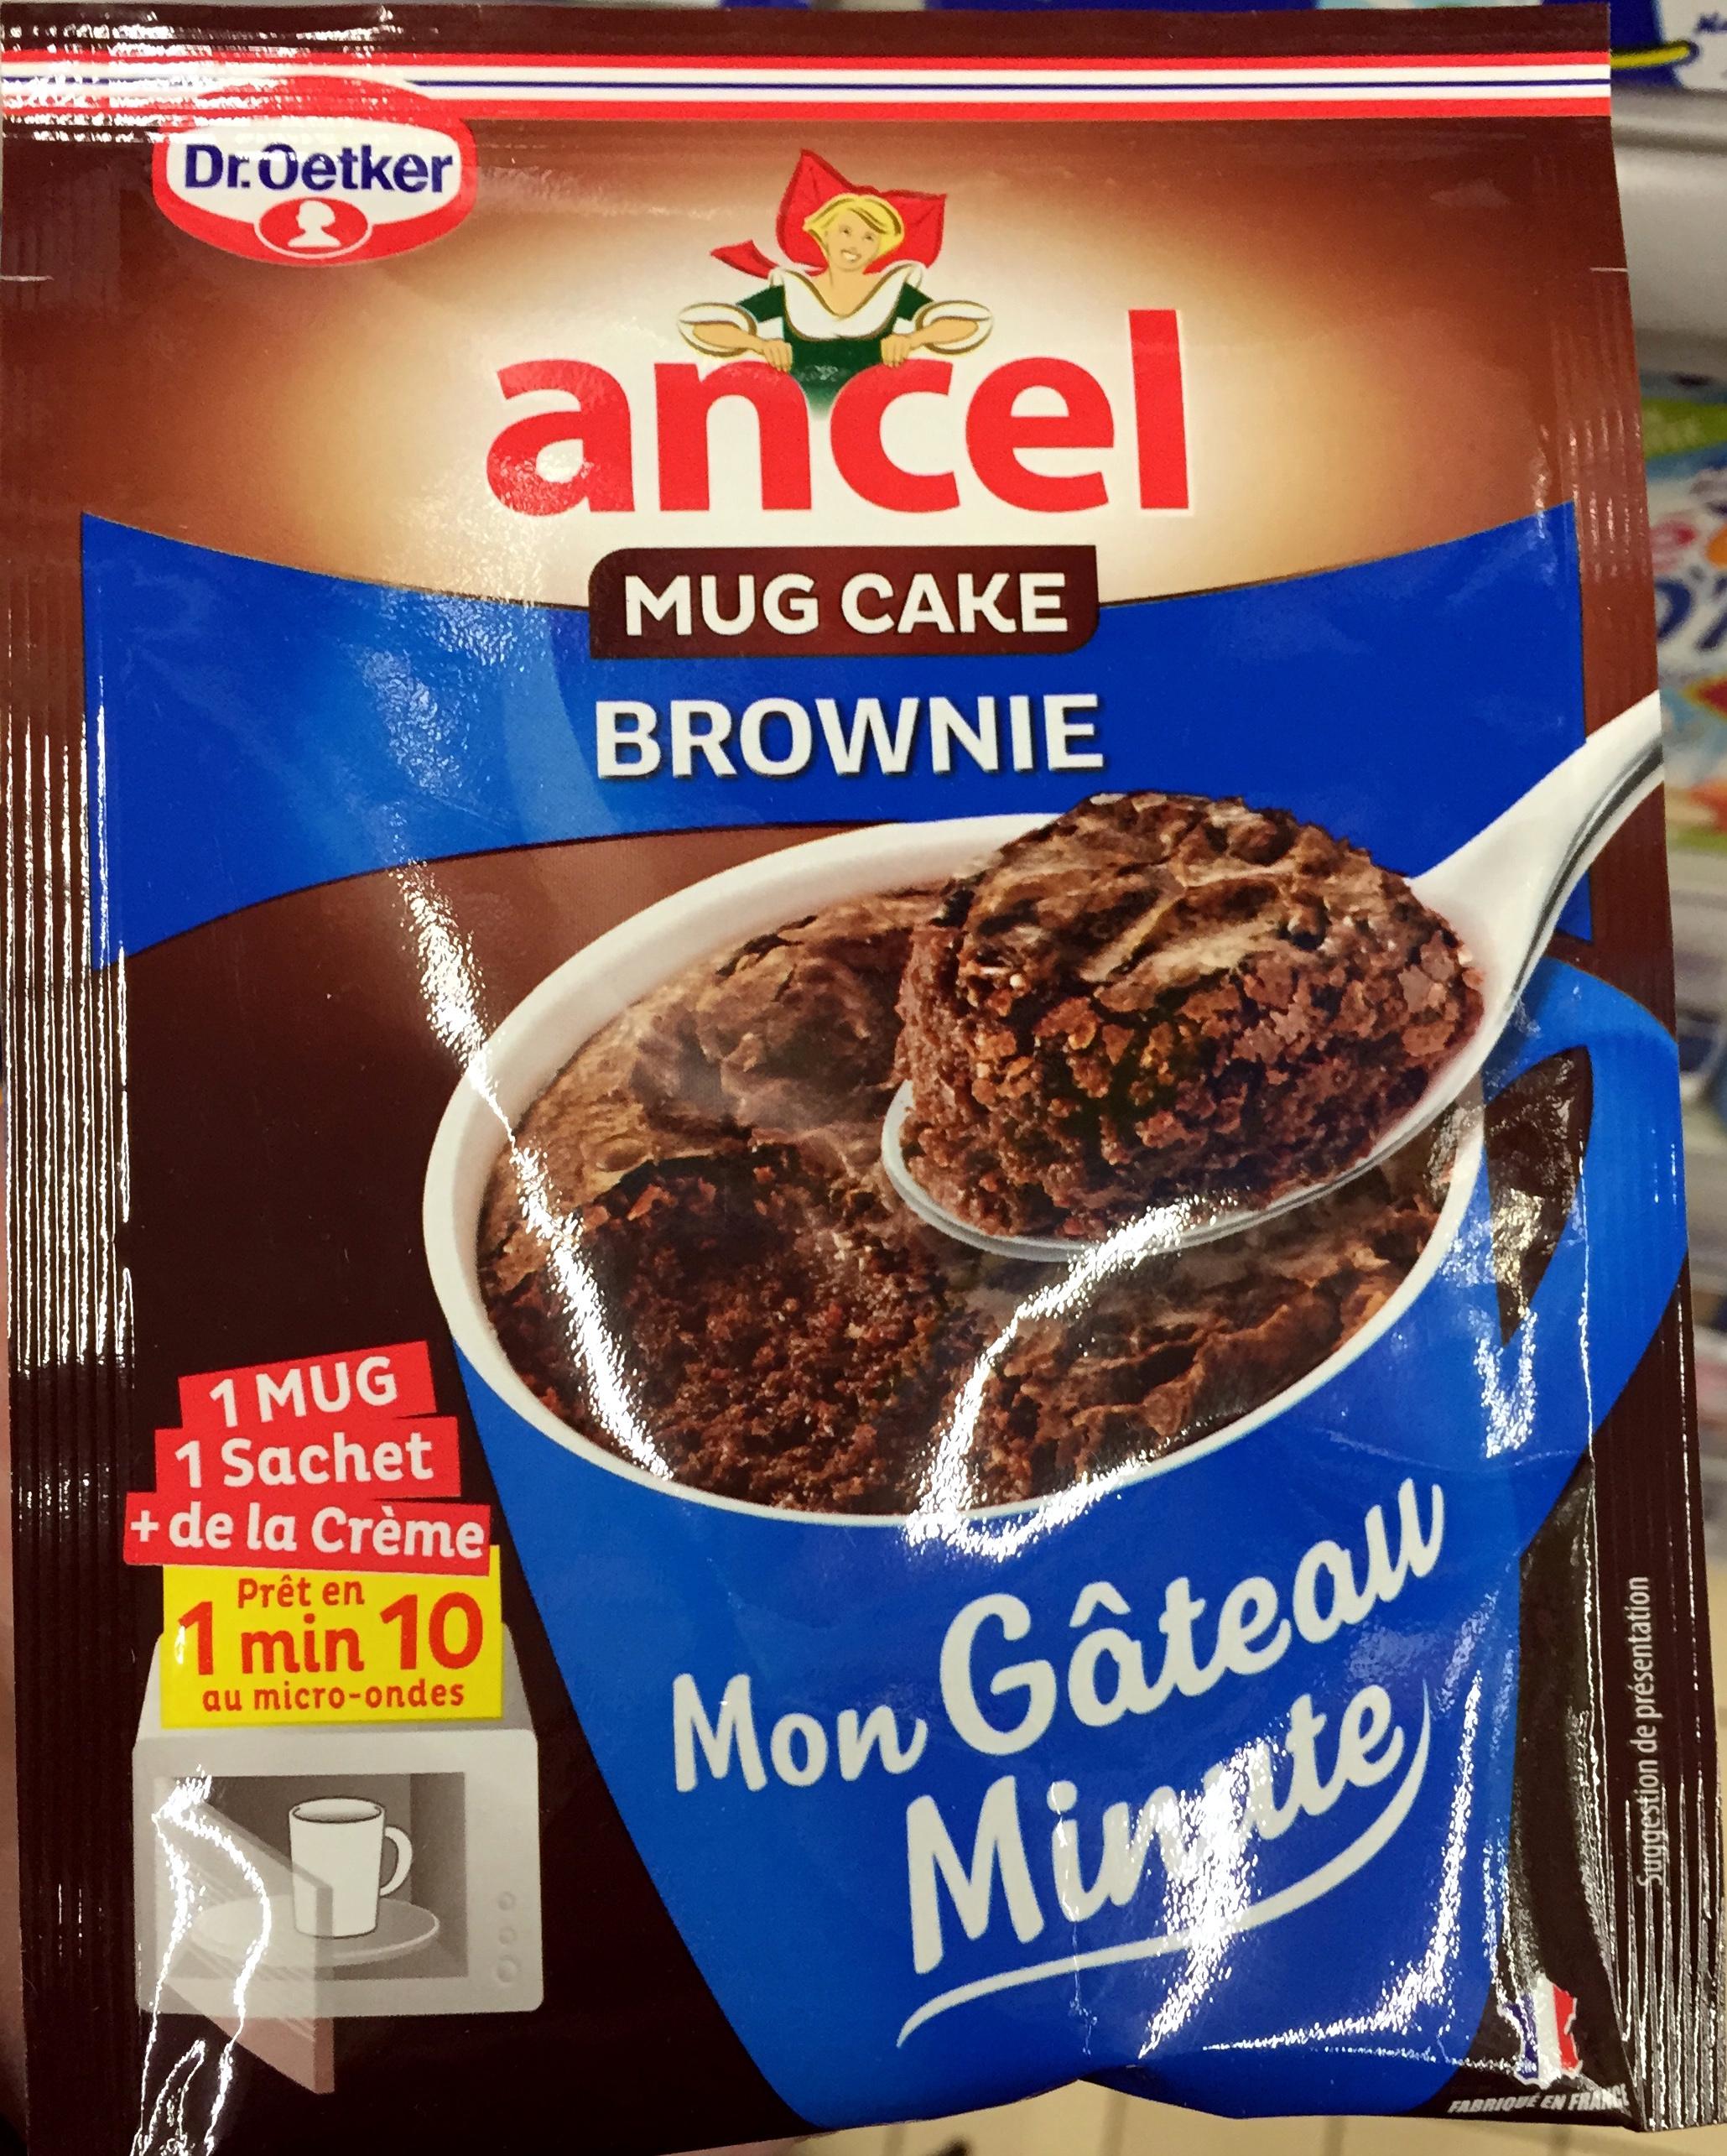 Mug Cake Ancel